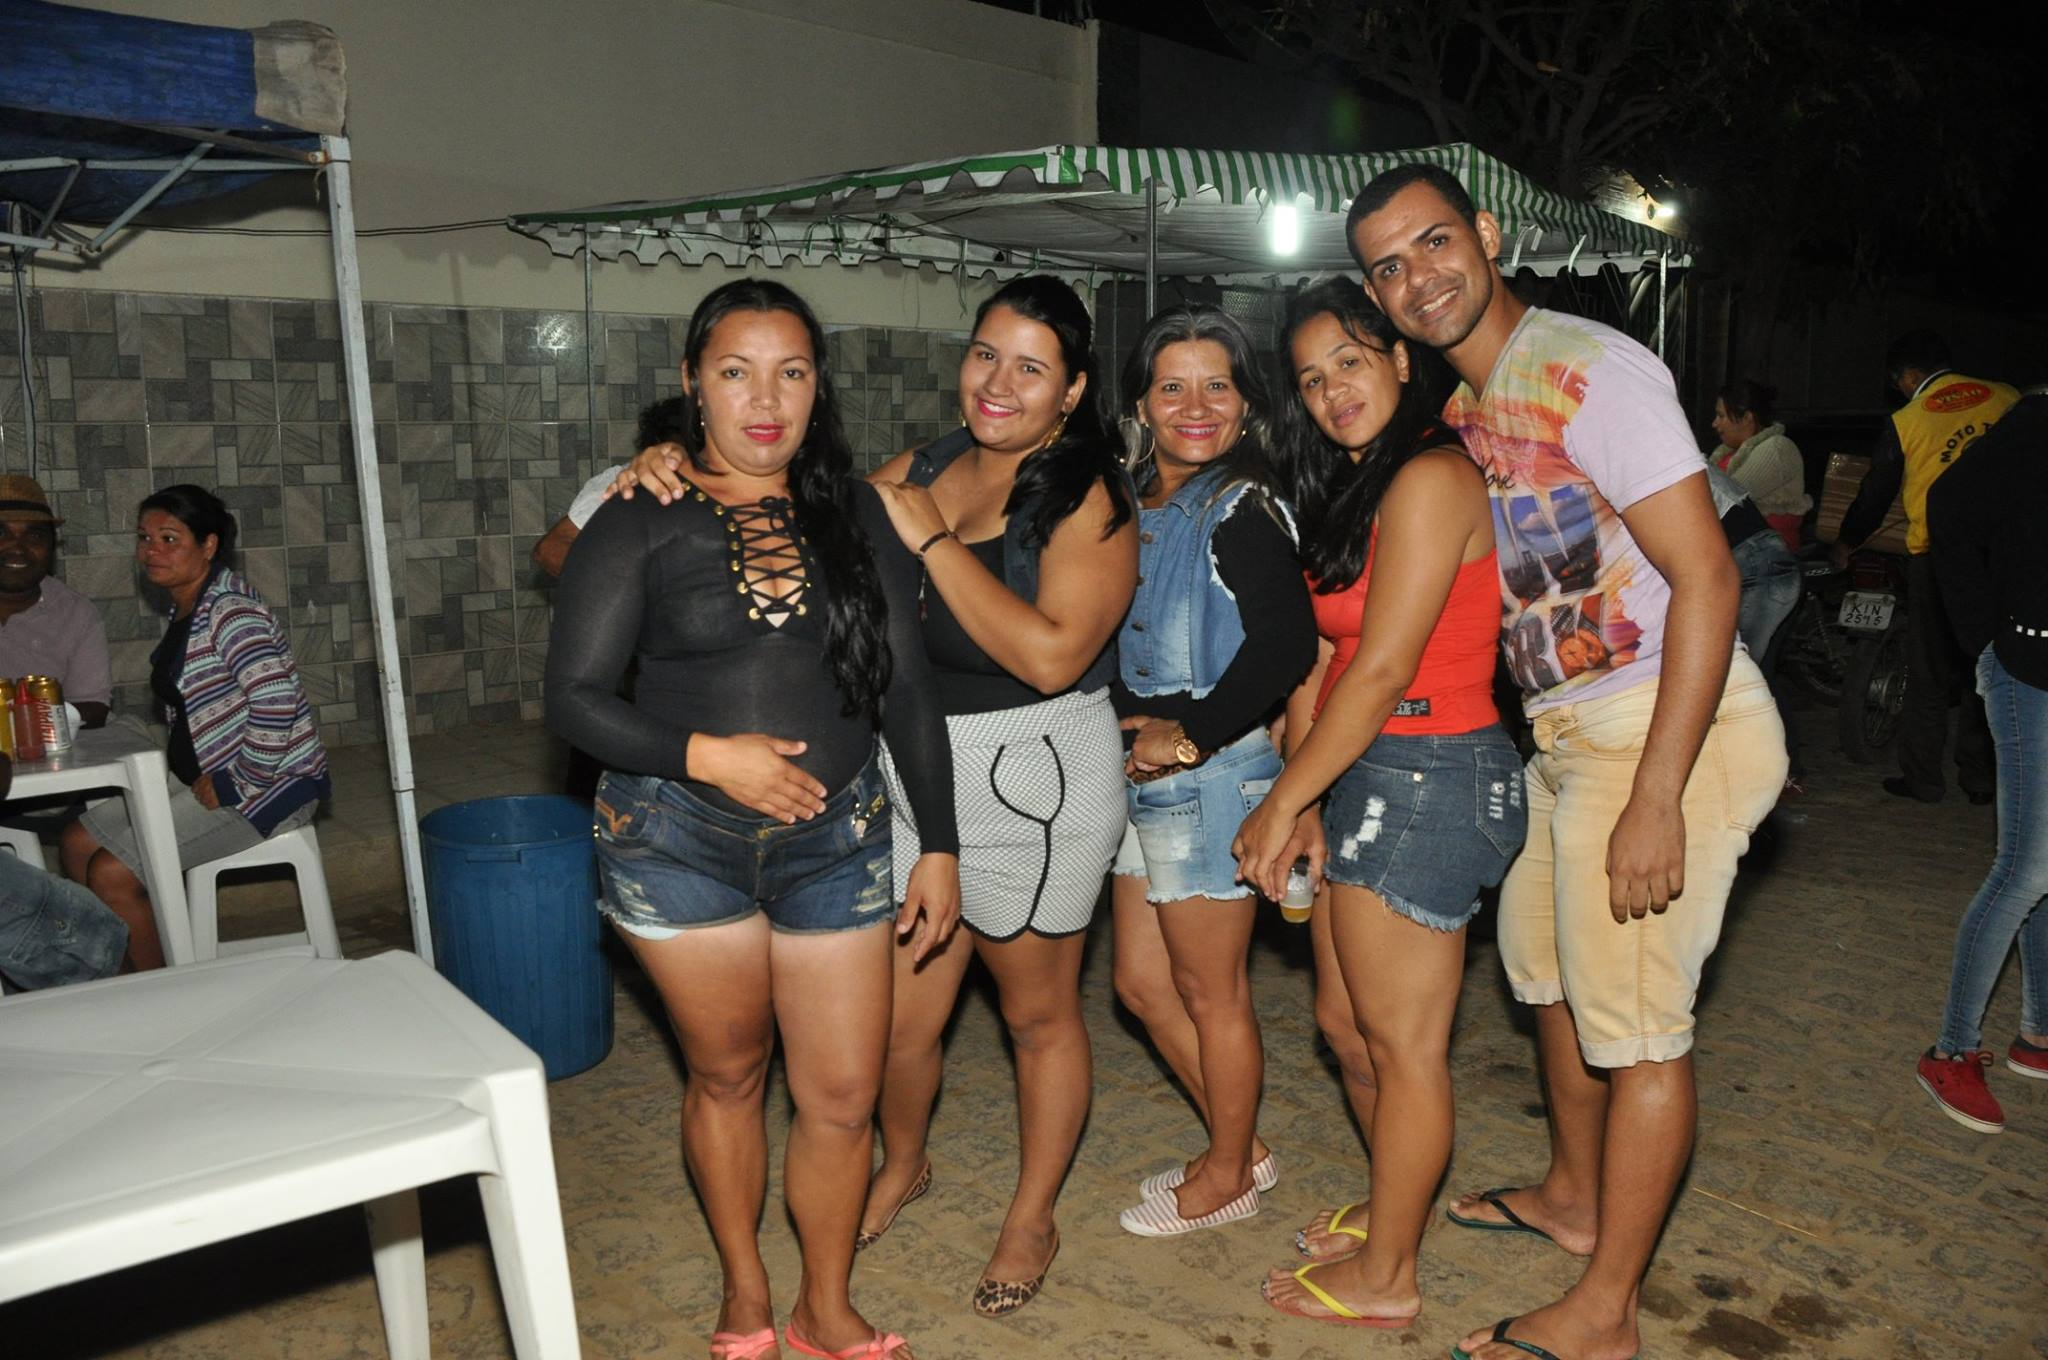 19095408_1899325953673928_7774058384751340346_o-1024x680 OPIPOCO mostra como foi a Segunda noite do festival de quadrilhas em Monteiro. Confira Imagens